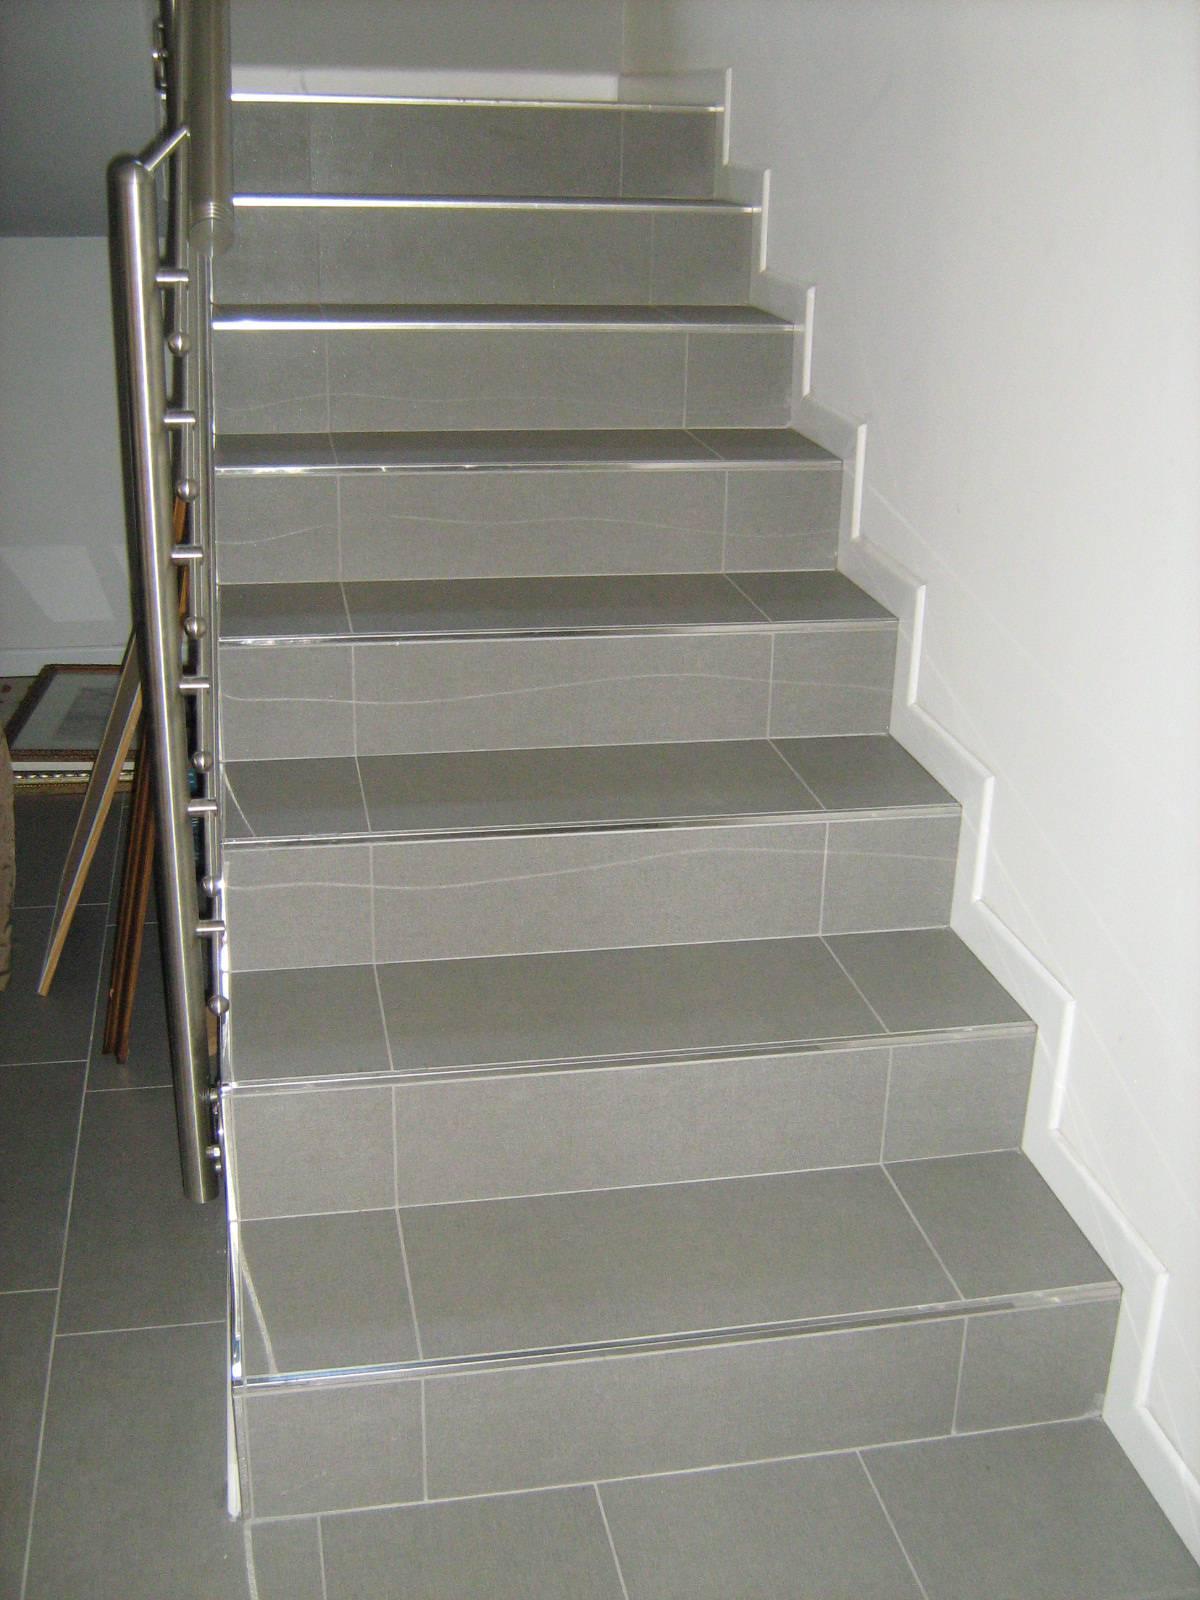 scala piastrellata grigio cemento